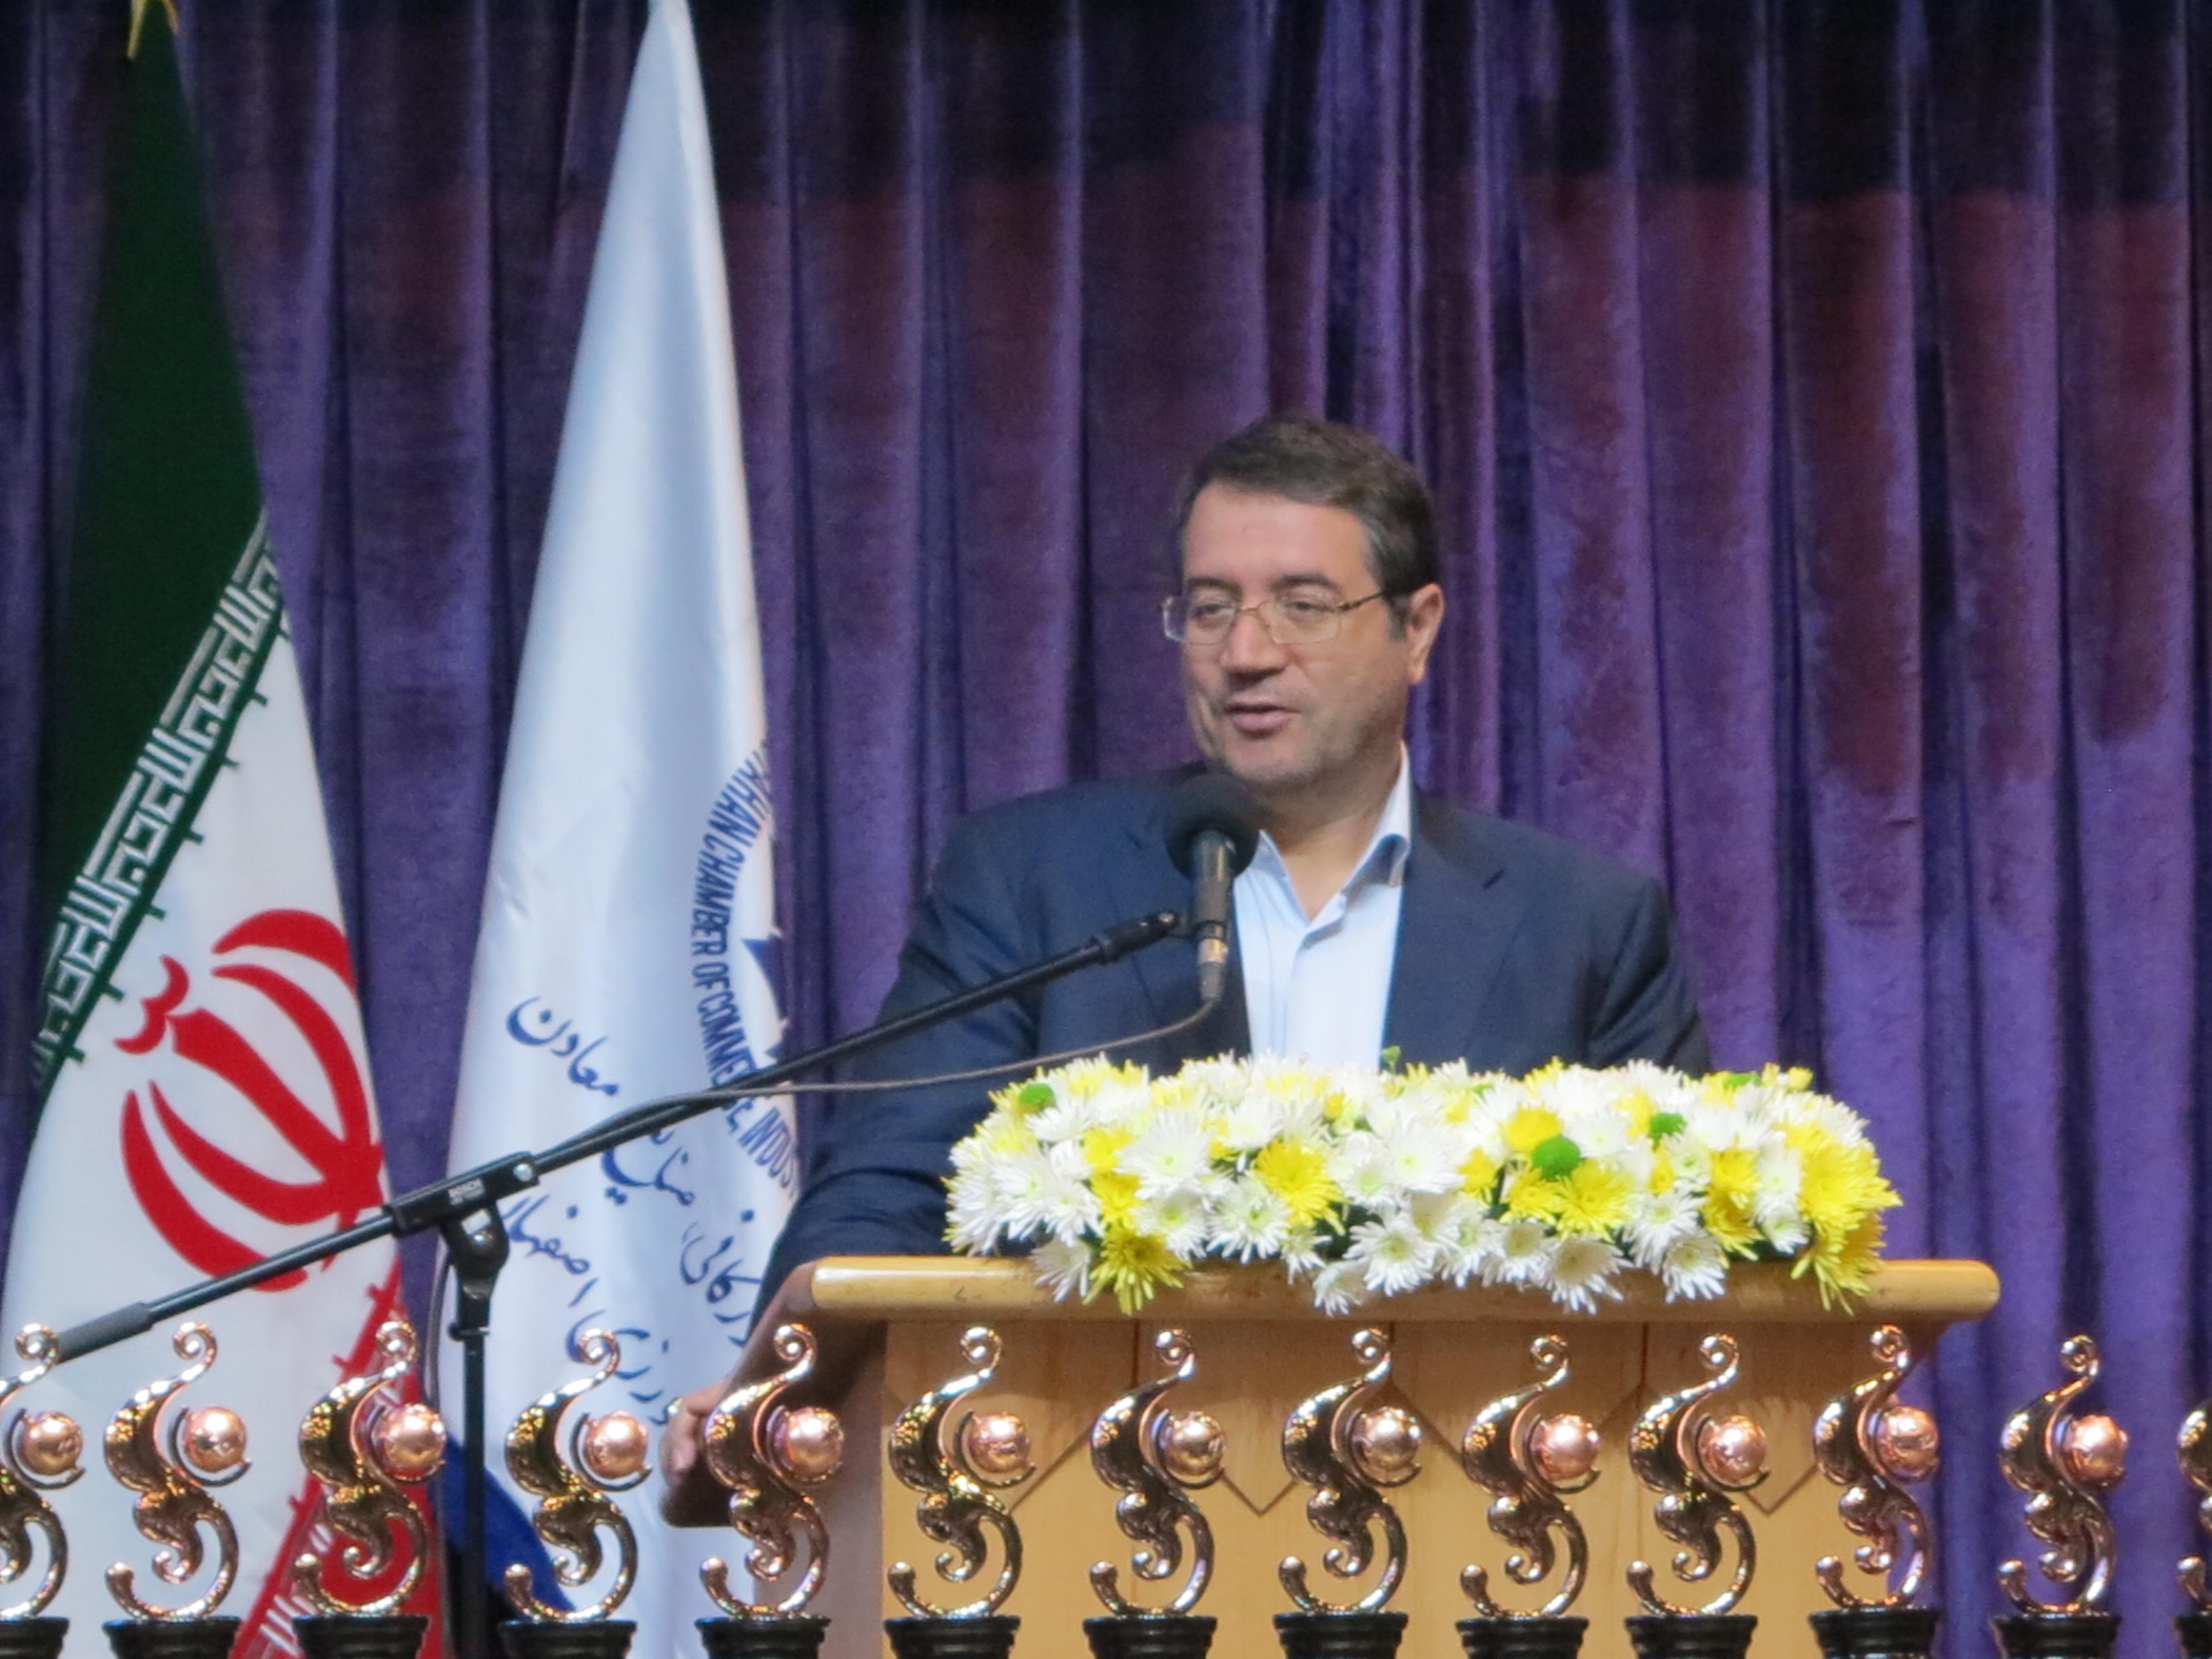 تجلیل از صادرکنندگان نمونه اصفهان با حضور وزیر صنعت 27 دیماه 97